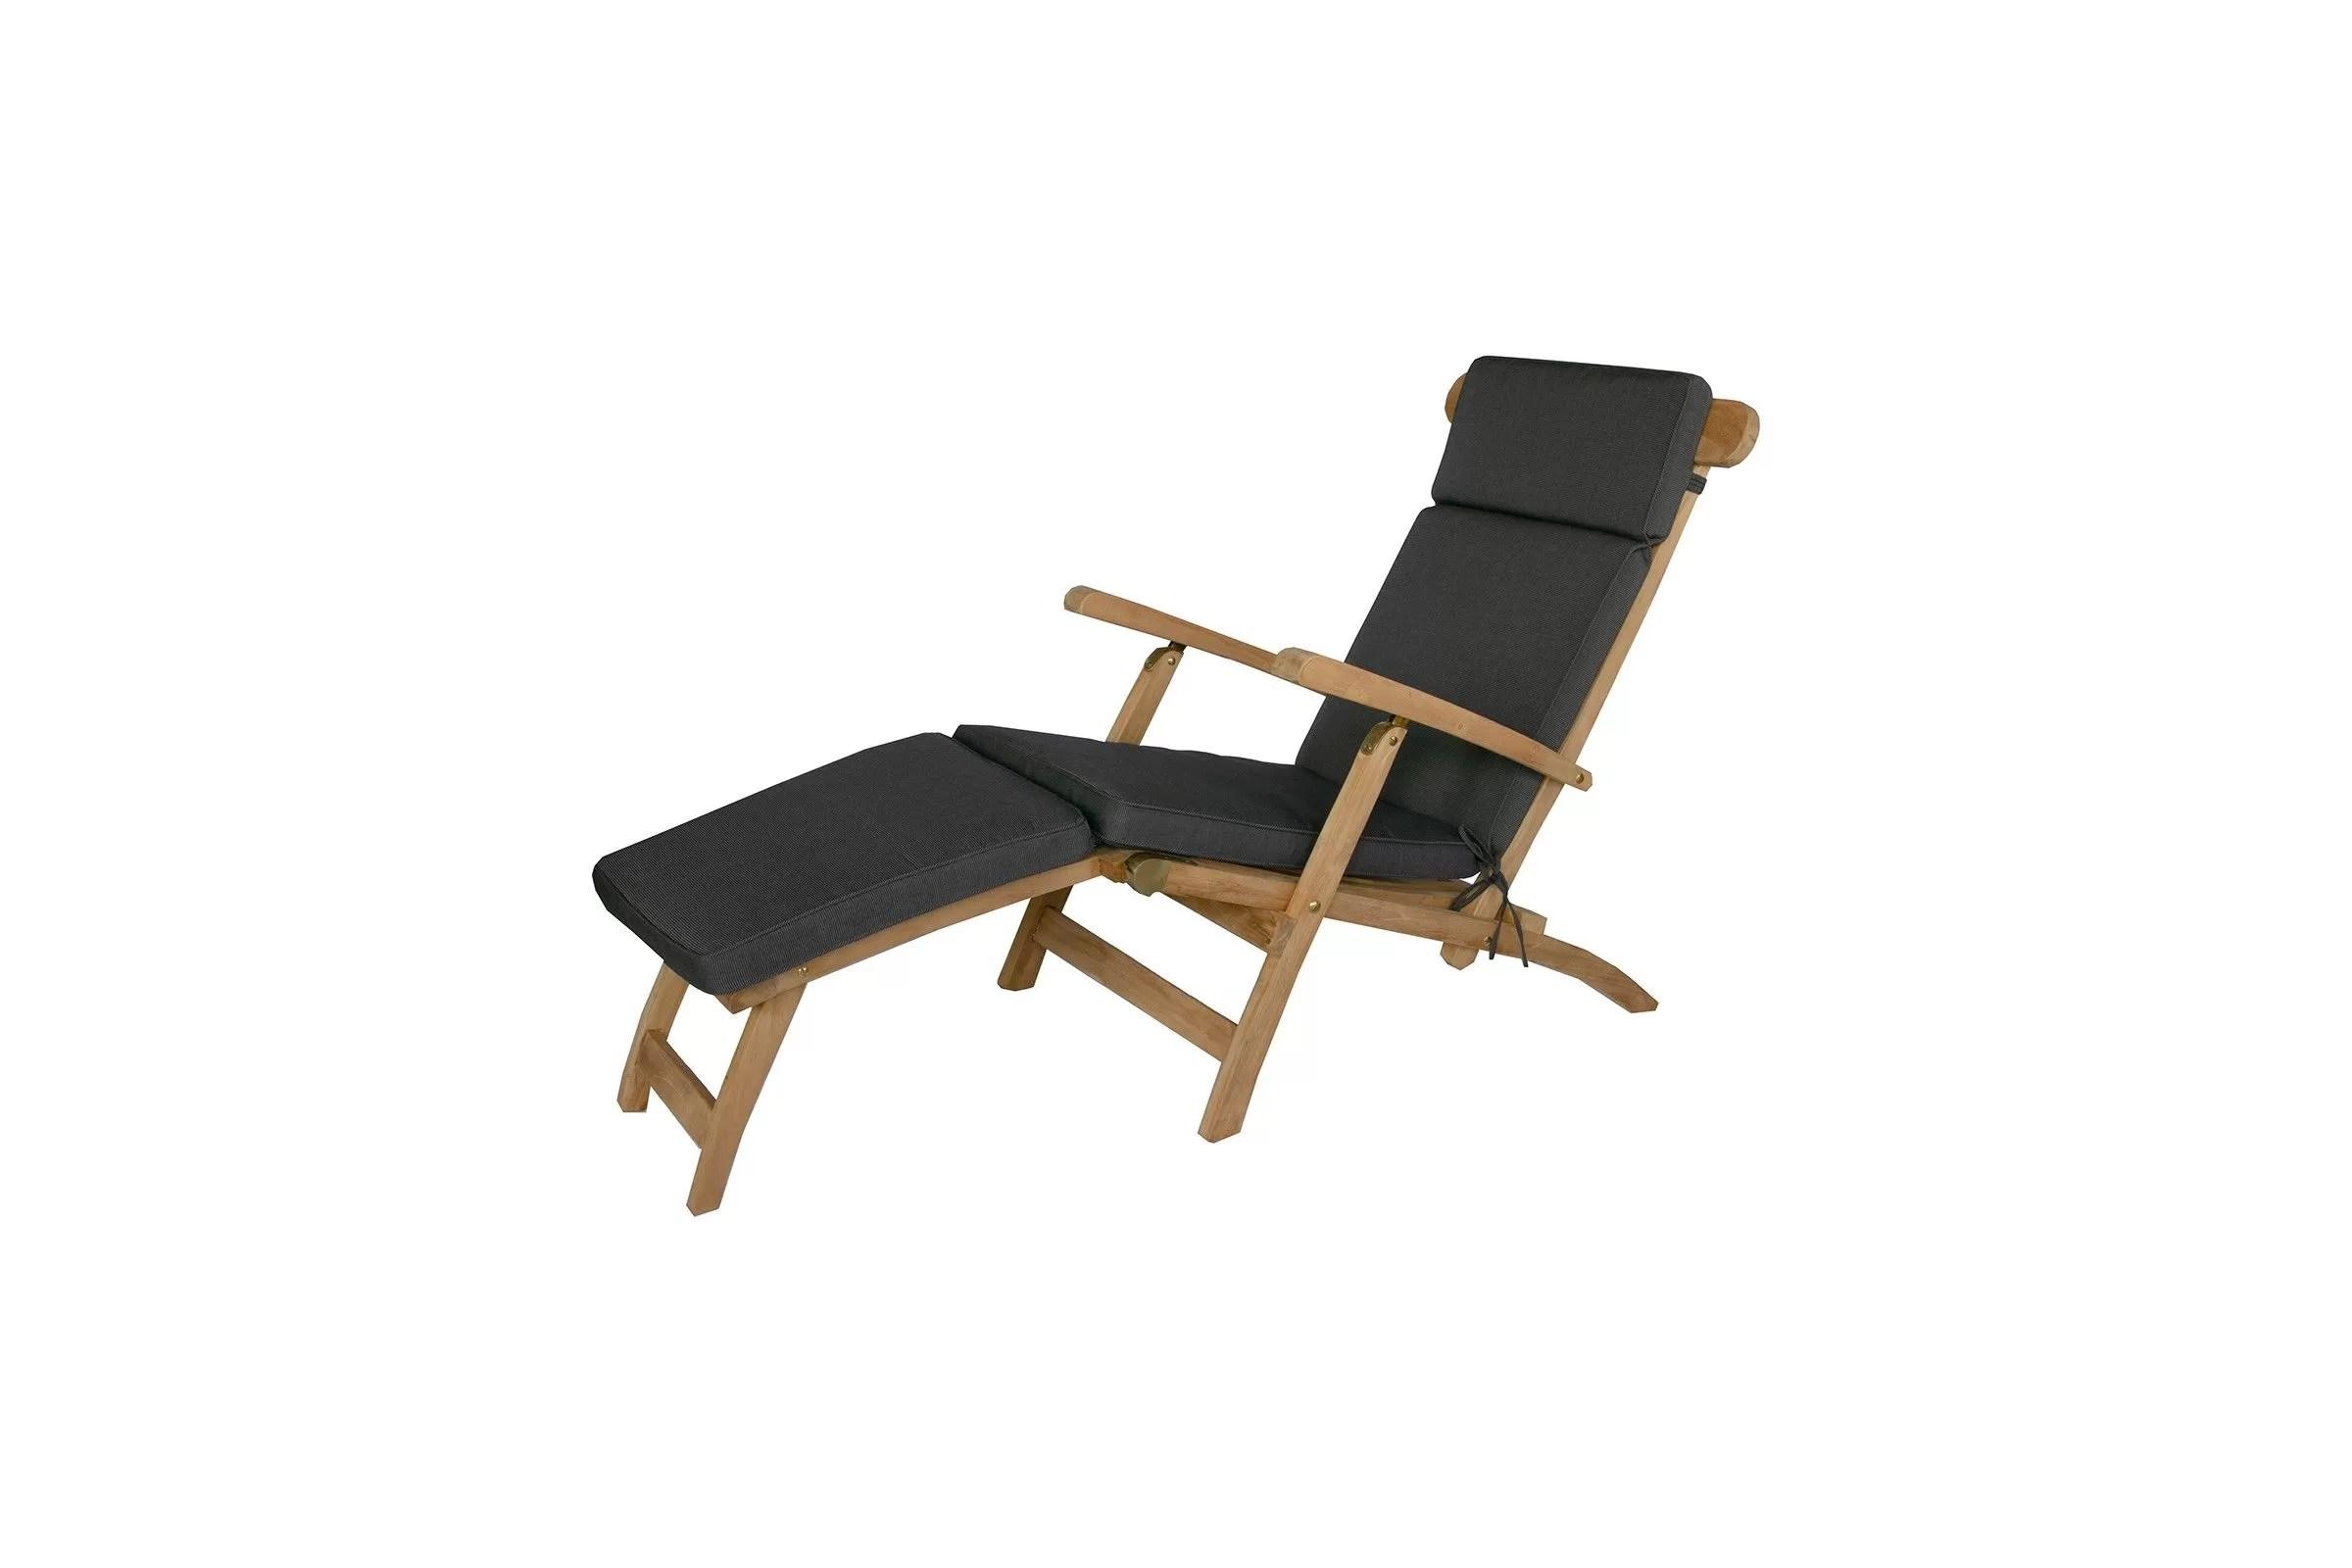 coussin de chaise longue type steamer dehoussable